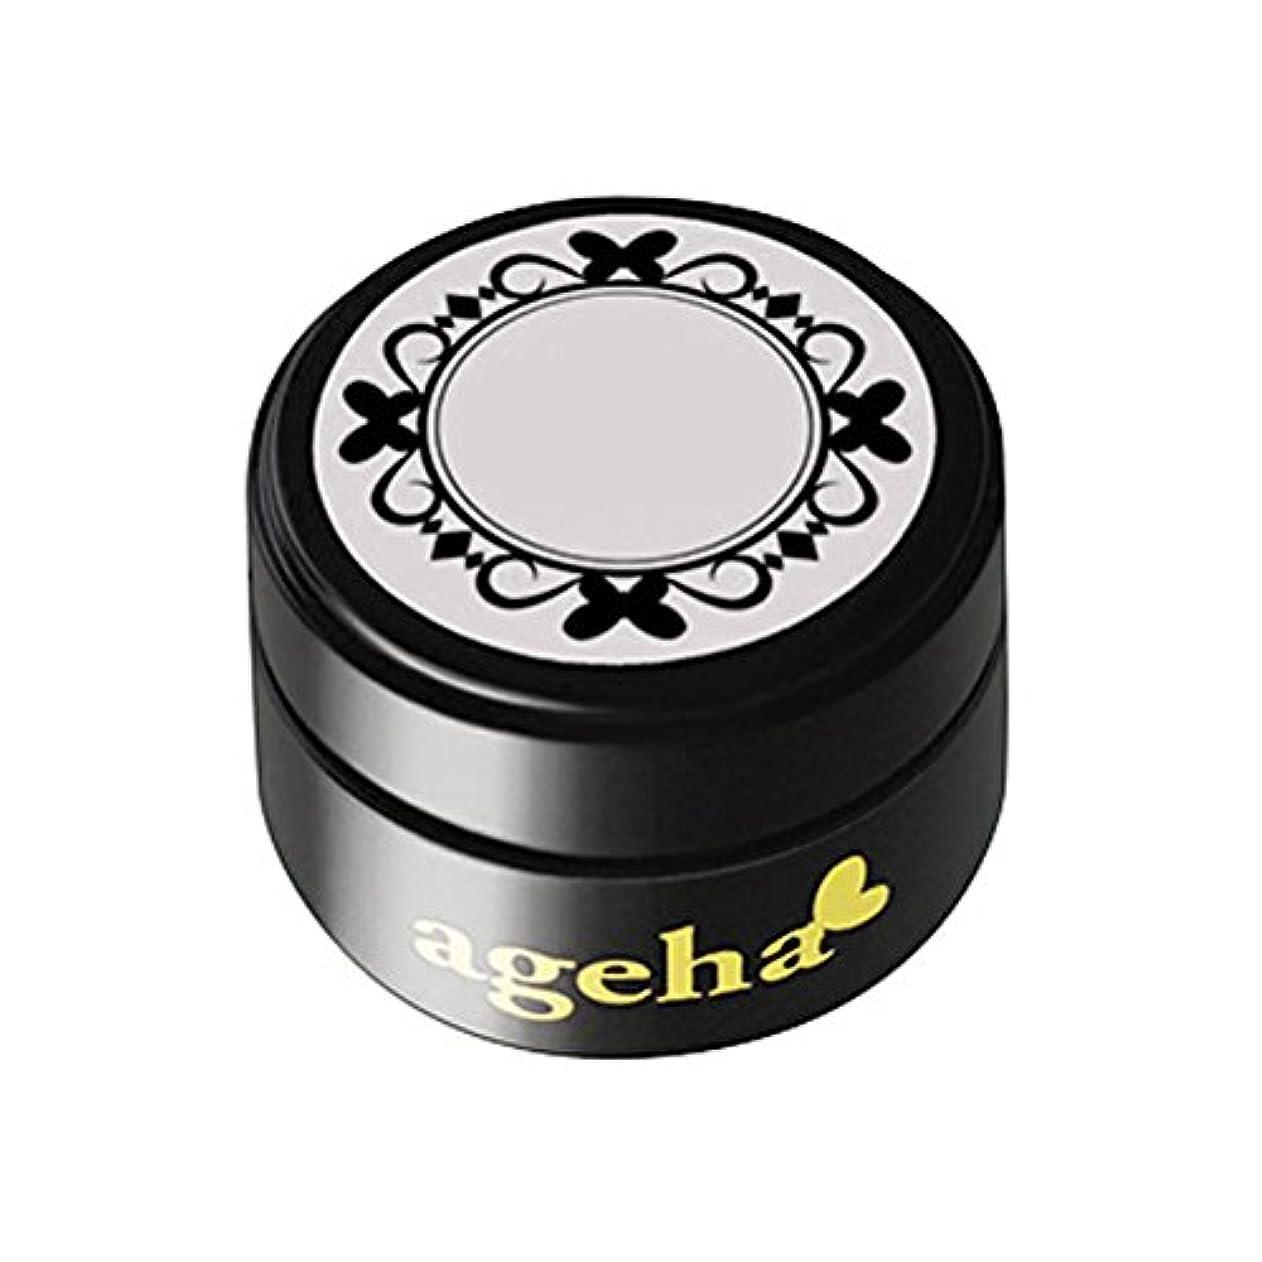 ガイダンス前兆証拠ageha gel カラージェル コスメカラー 206 インディアンレッド 2.7g UV/LED対応